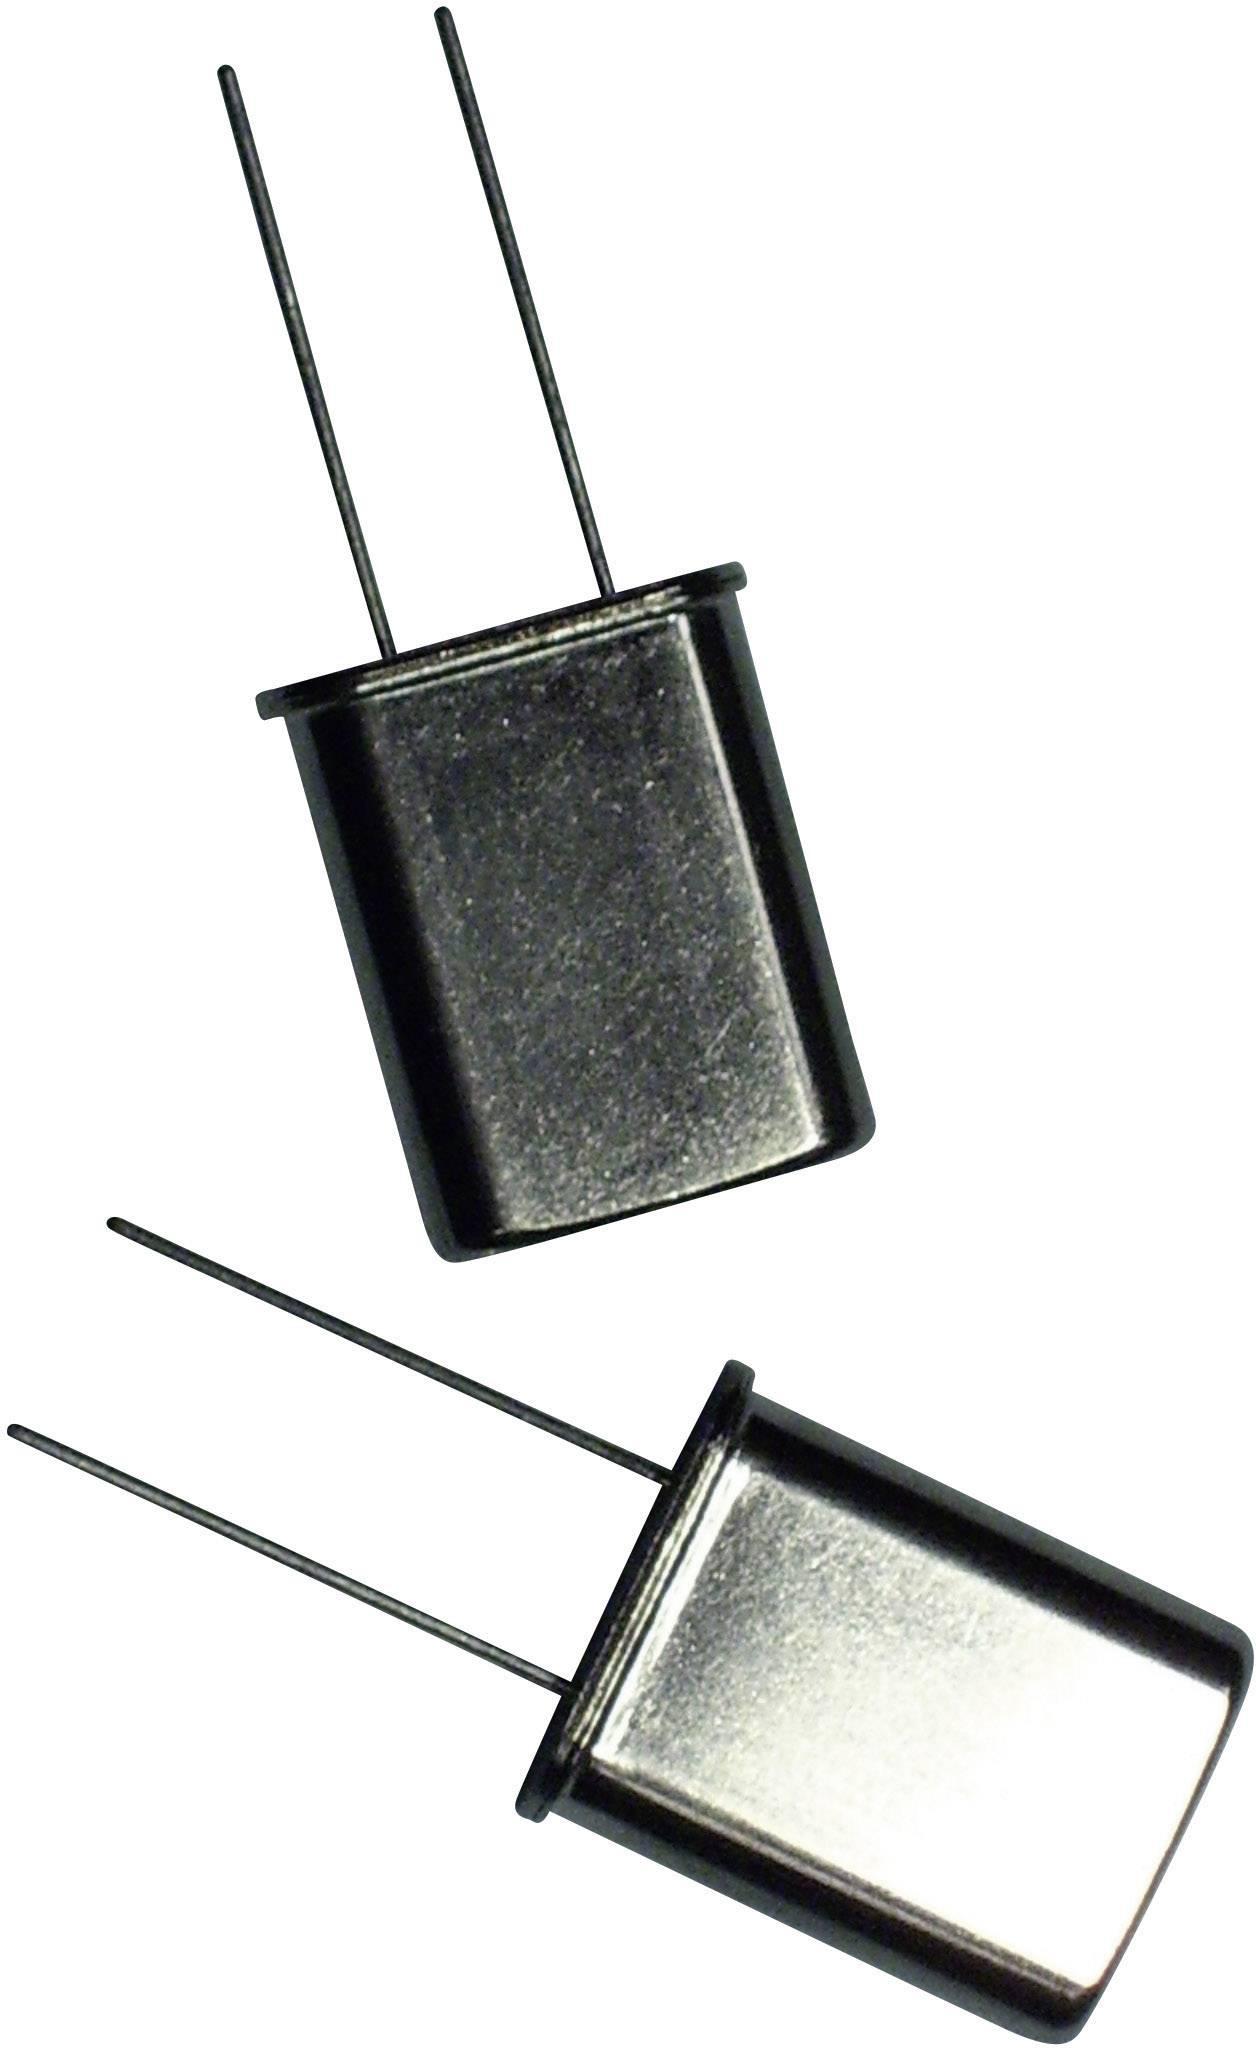 Krystal EuroQuartz, 8 MHz, HC49, 30/50/40/18PF/ATF